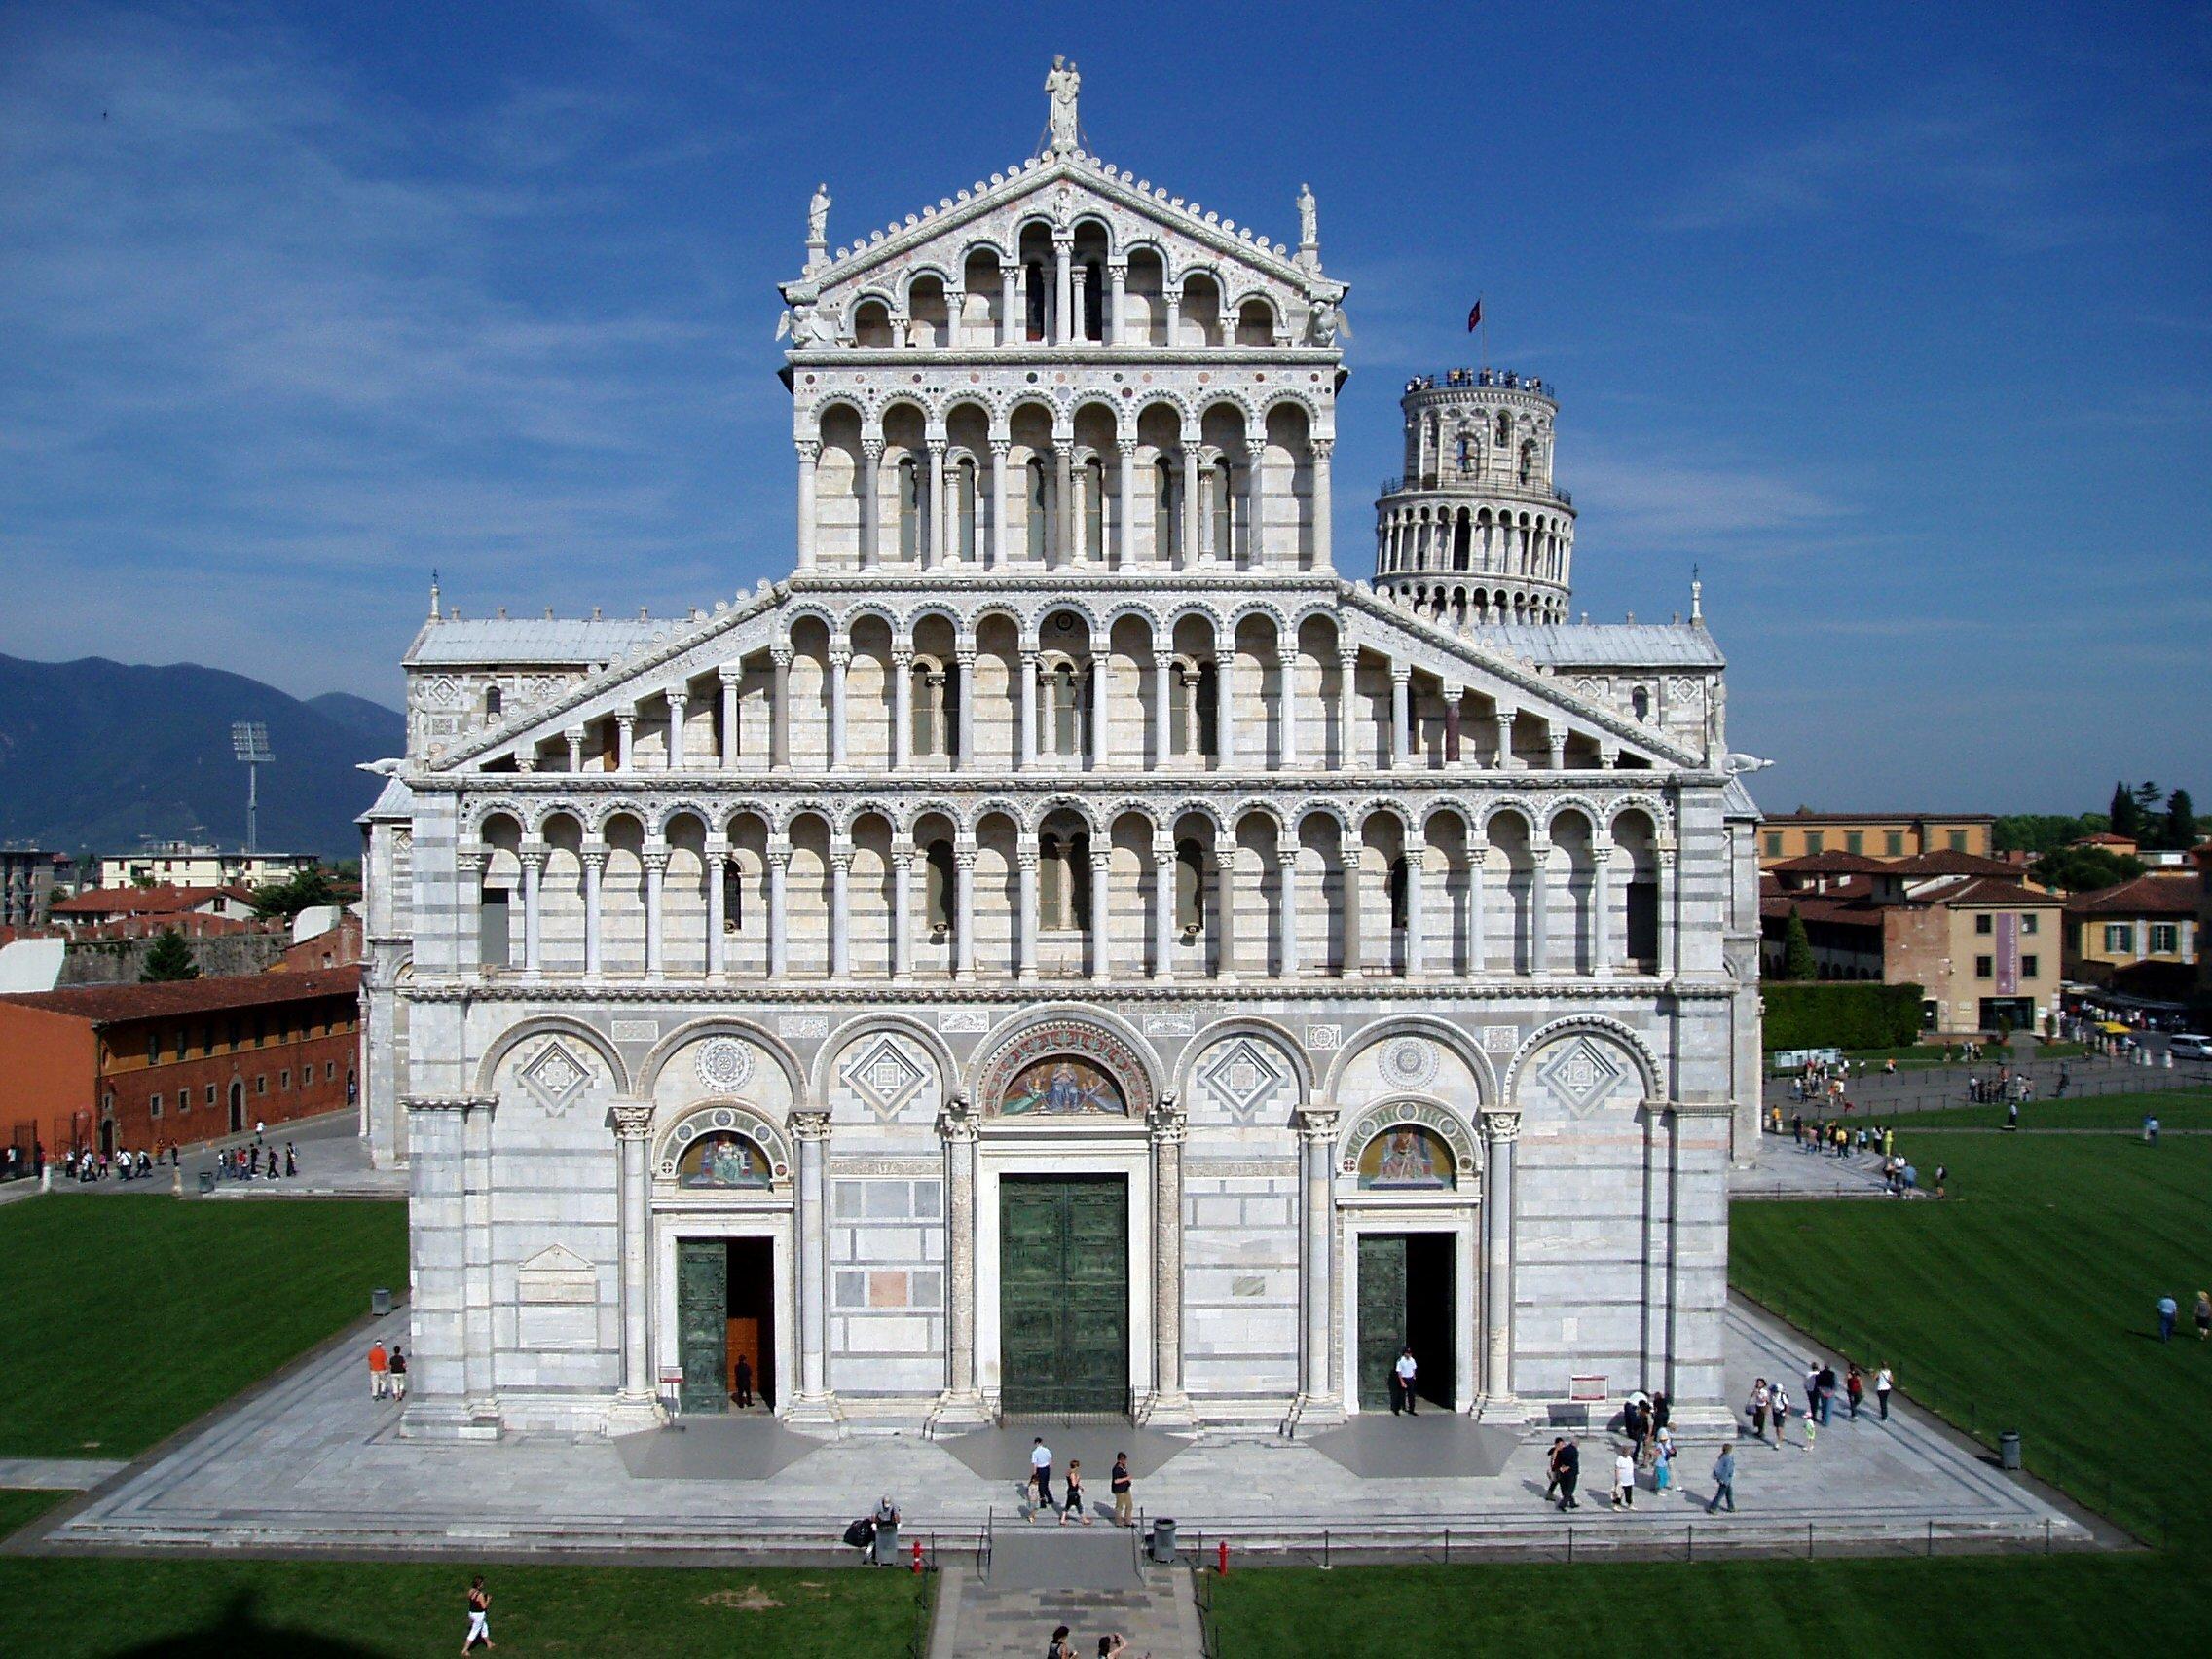 Matrimonio En Toscana : Catedral de pisa wikiwand